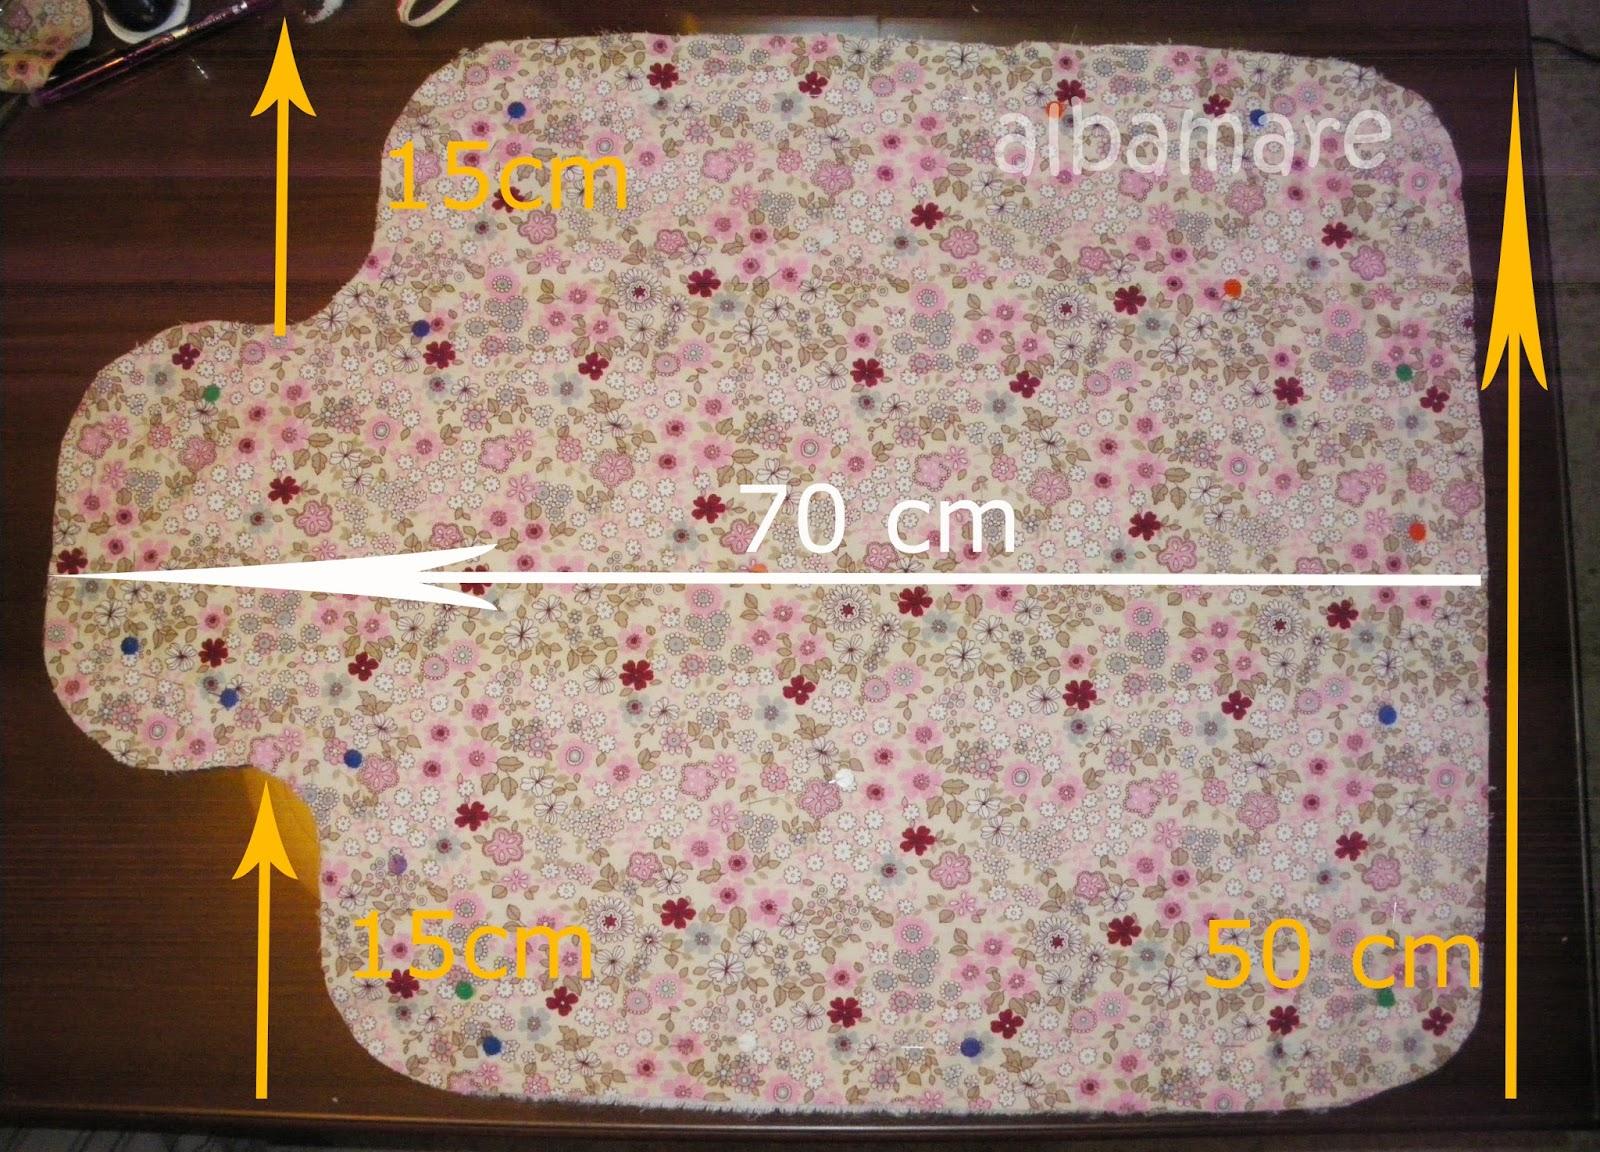 Albamare manualidades handicrafts costura para torpes - Cambiador bebe medidas ...